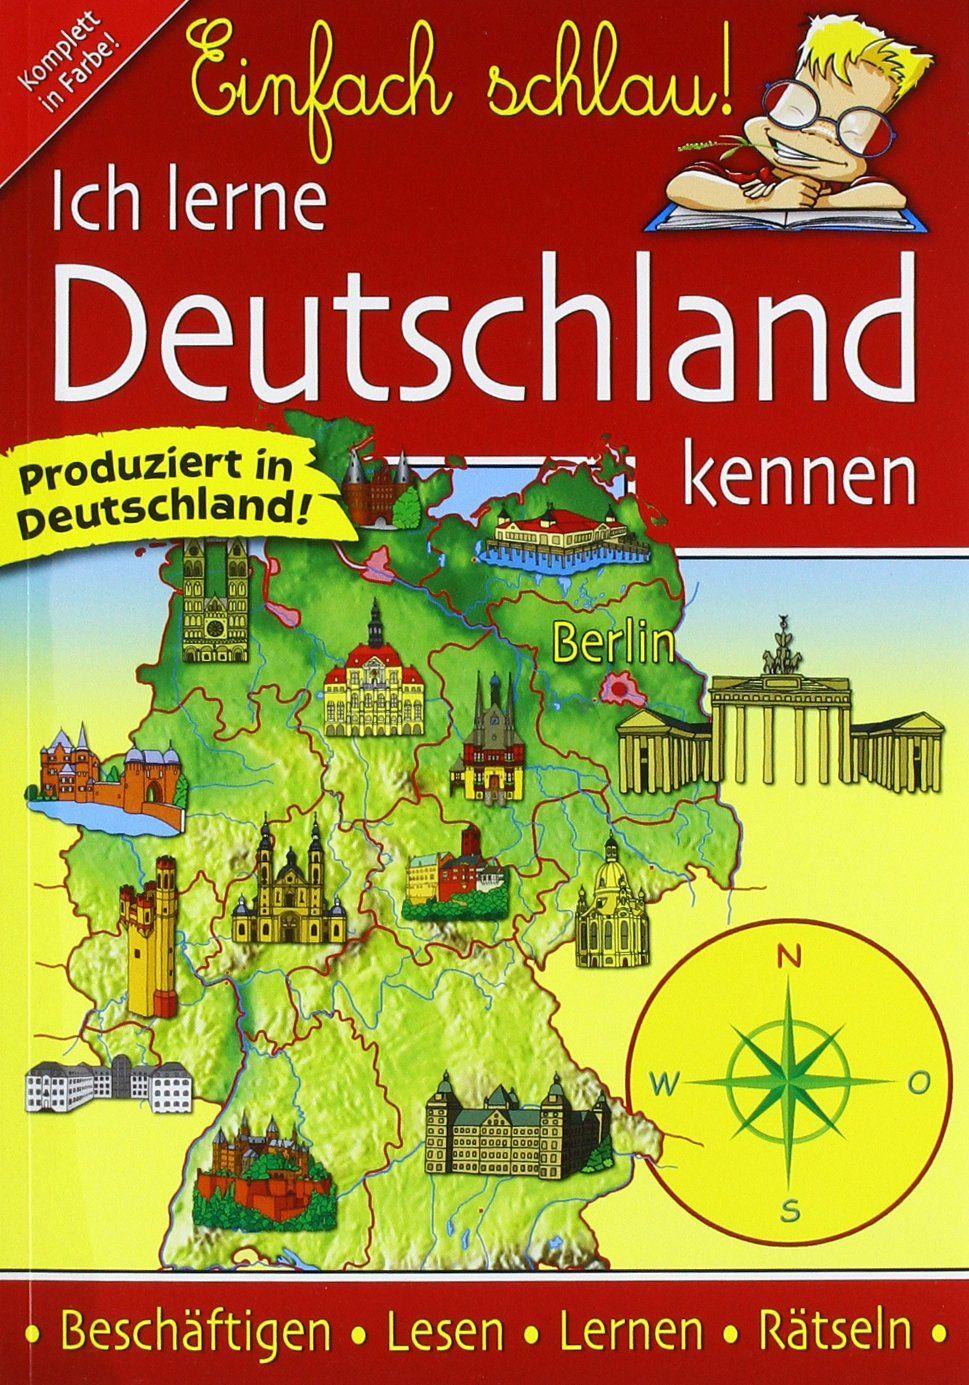 Ich lerne Deutschland kennen Amazon.de Swantje Thalmann